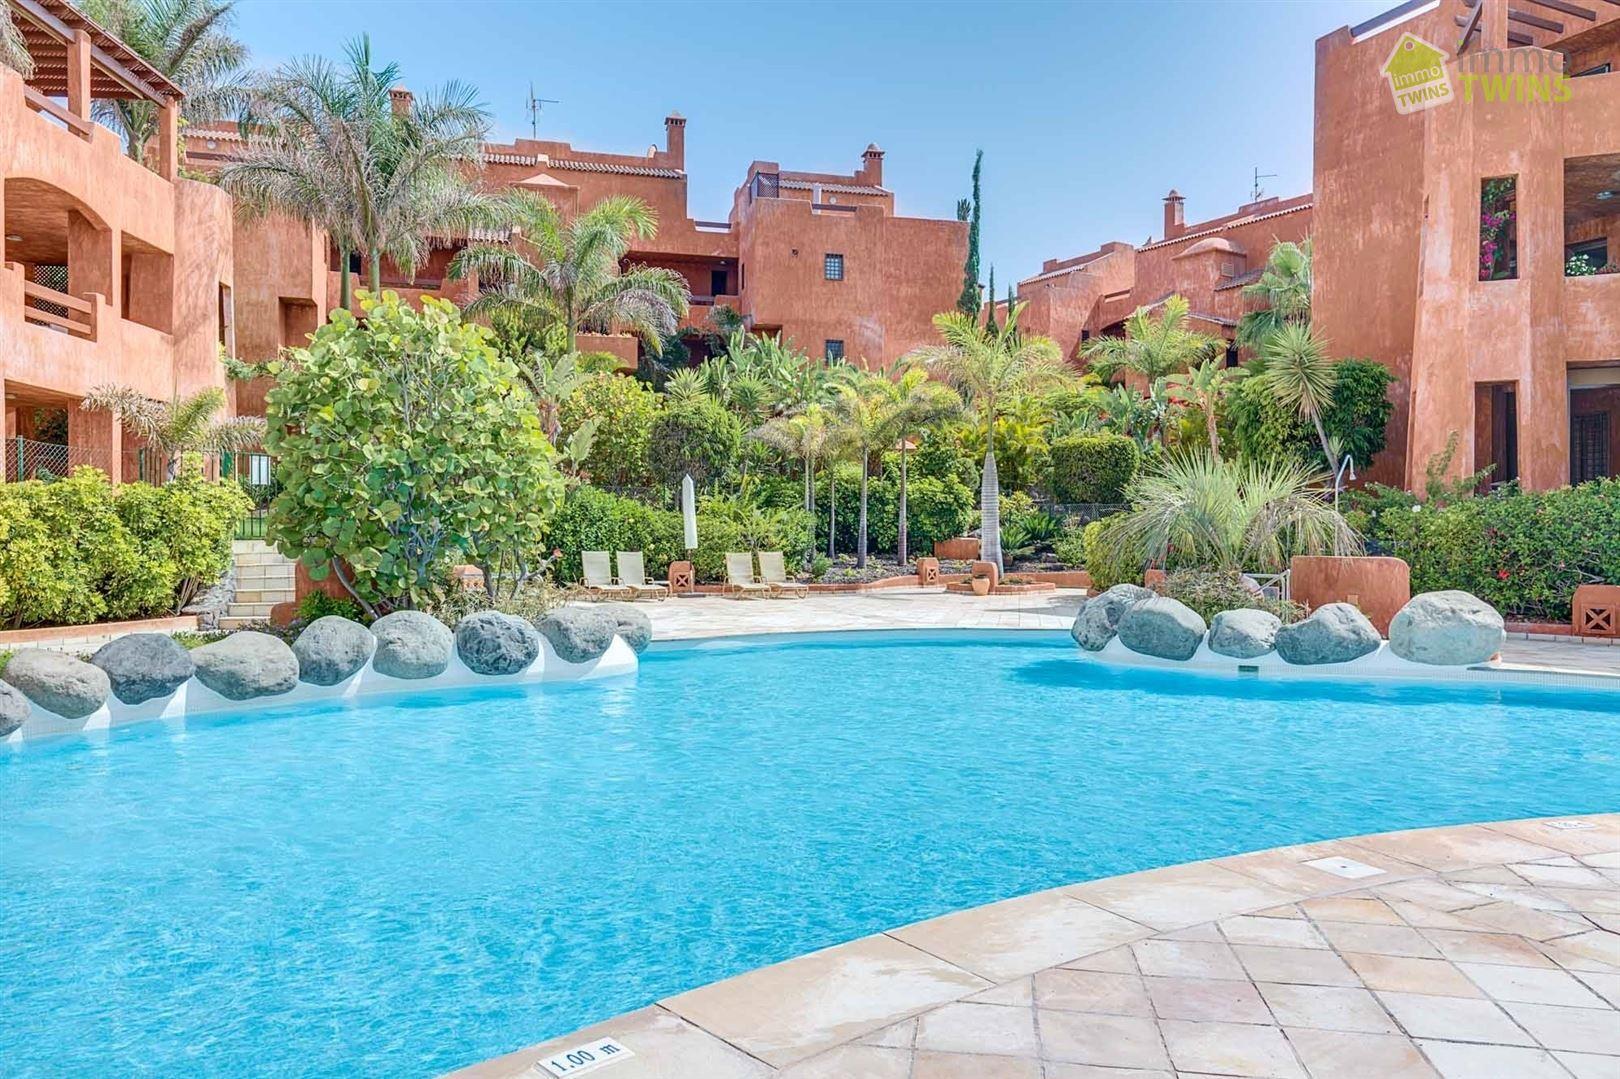 Foto 1 : Appartement te 38632 PALM MAR (Spanje) - Prijs € 440.000